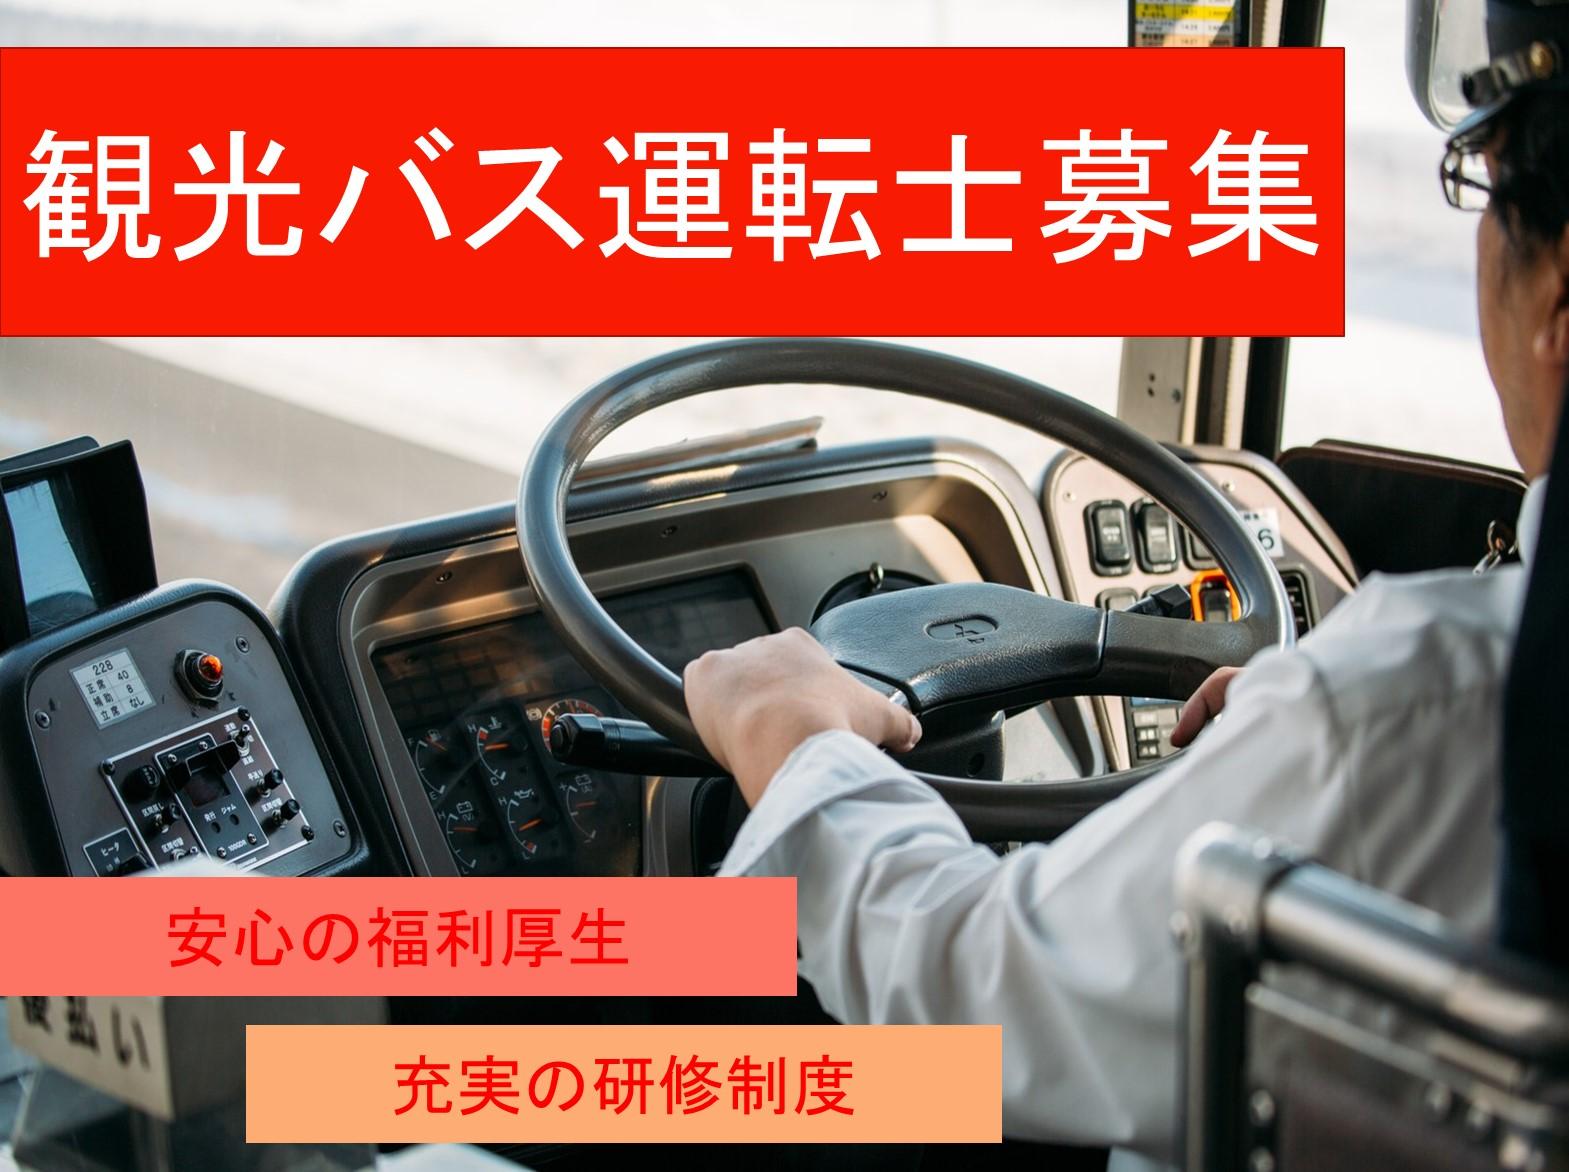 安心の福利厚生が嬉しい♪研修制度も充実★観光バス運転士 イメージ